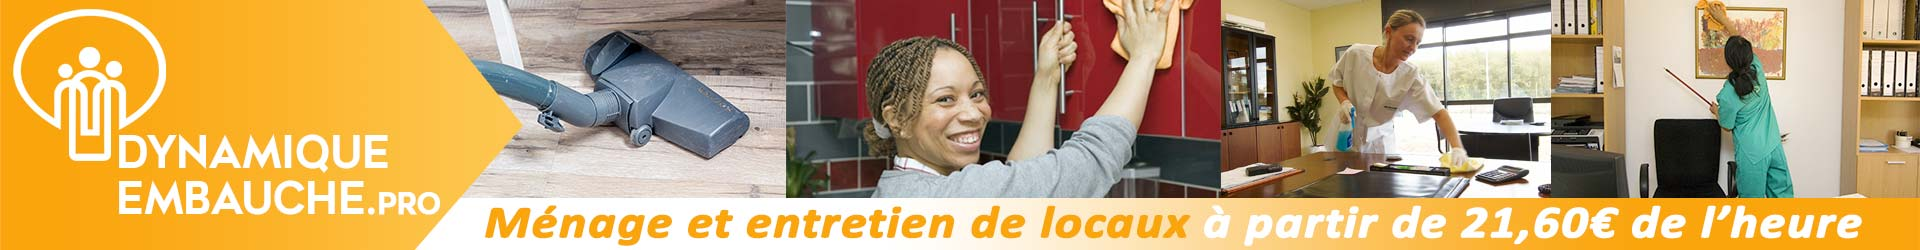 Ménage et entretien de locaux à partir de 20,20€ de l'heure !